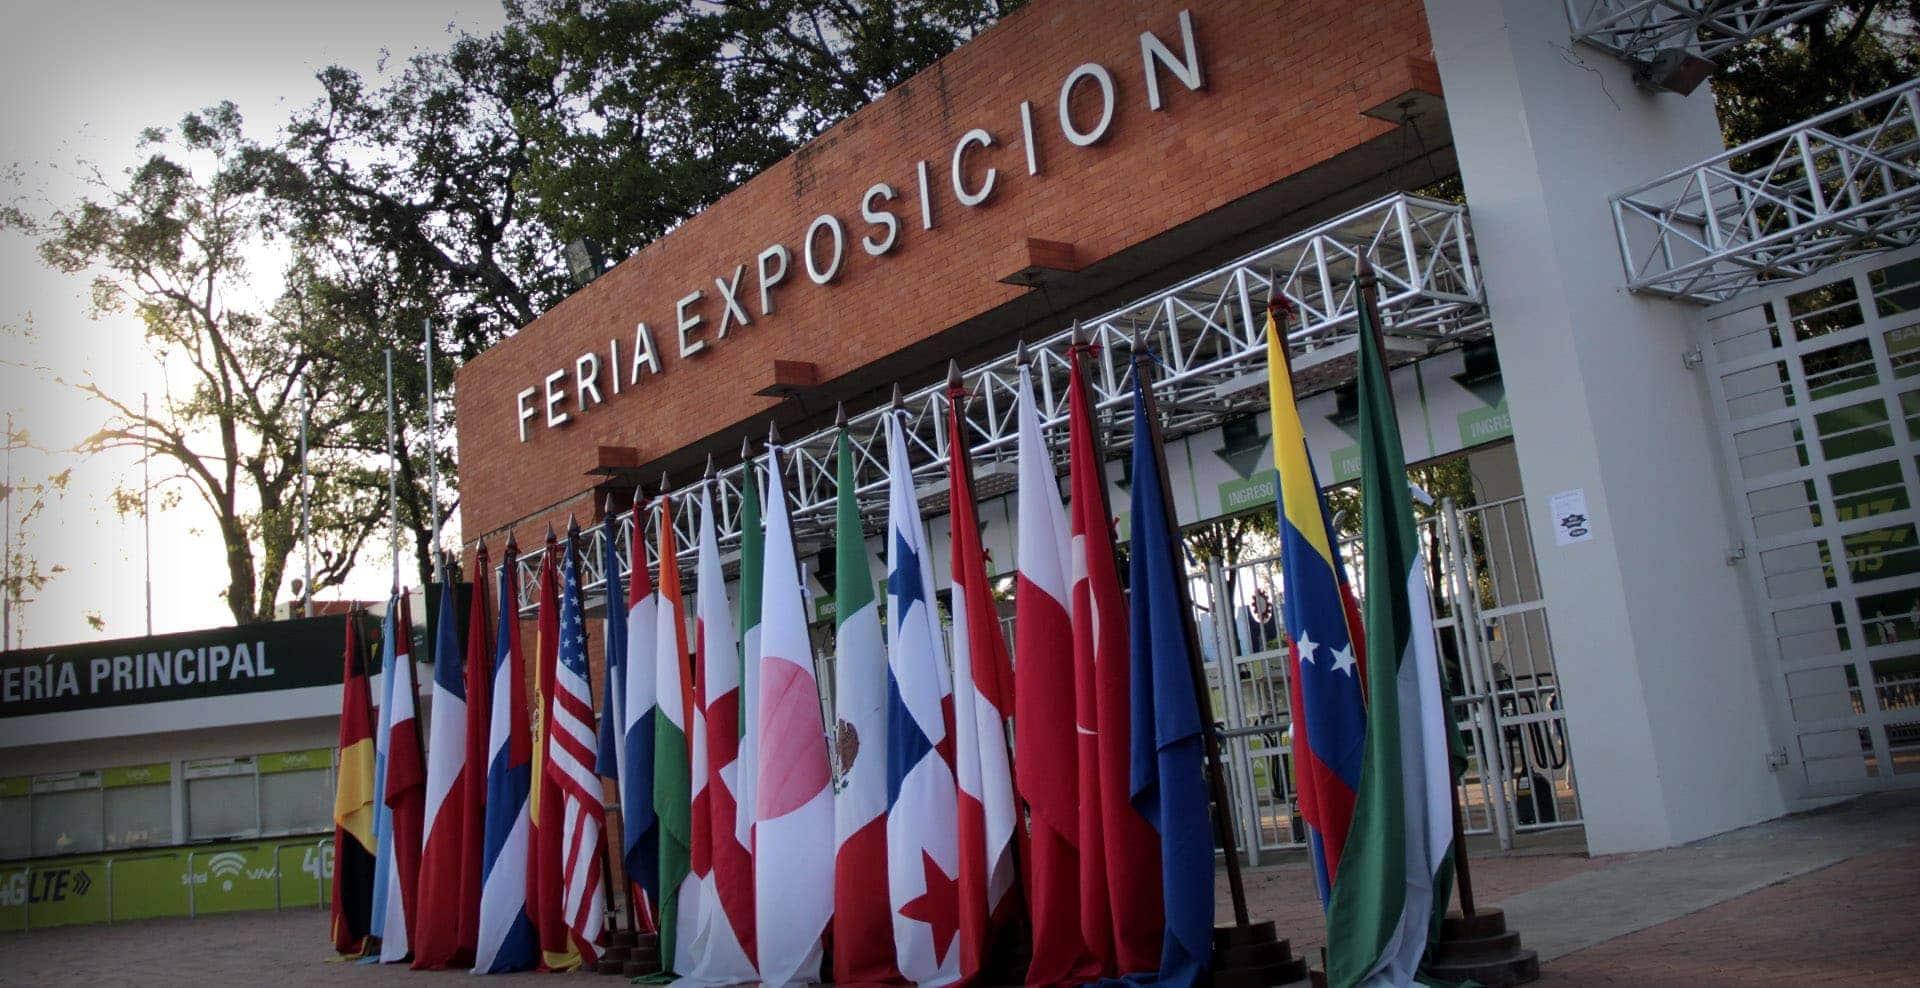 玻利维亚圣克鲁斯Fexpocruz国际会议中心Fexpocruz - Santa Cruz Exhibition Fair